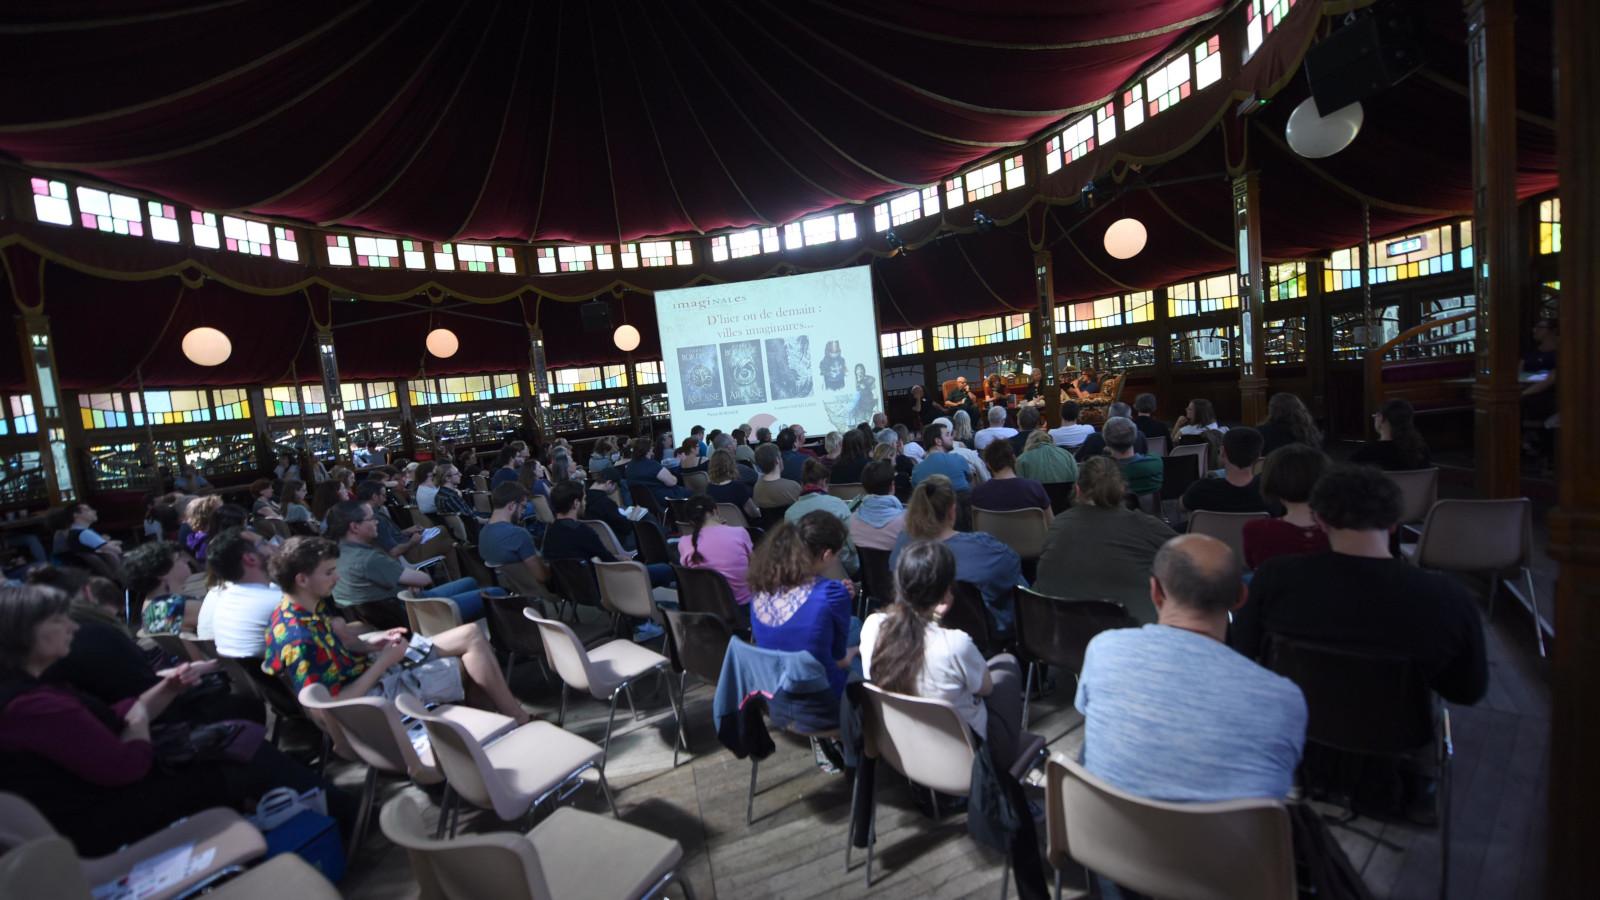 Plusieurs conférences autour du thème de l'imaginaire ont été organisées.